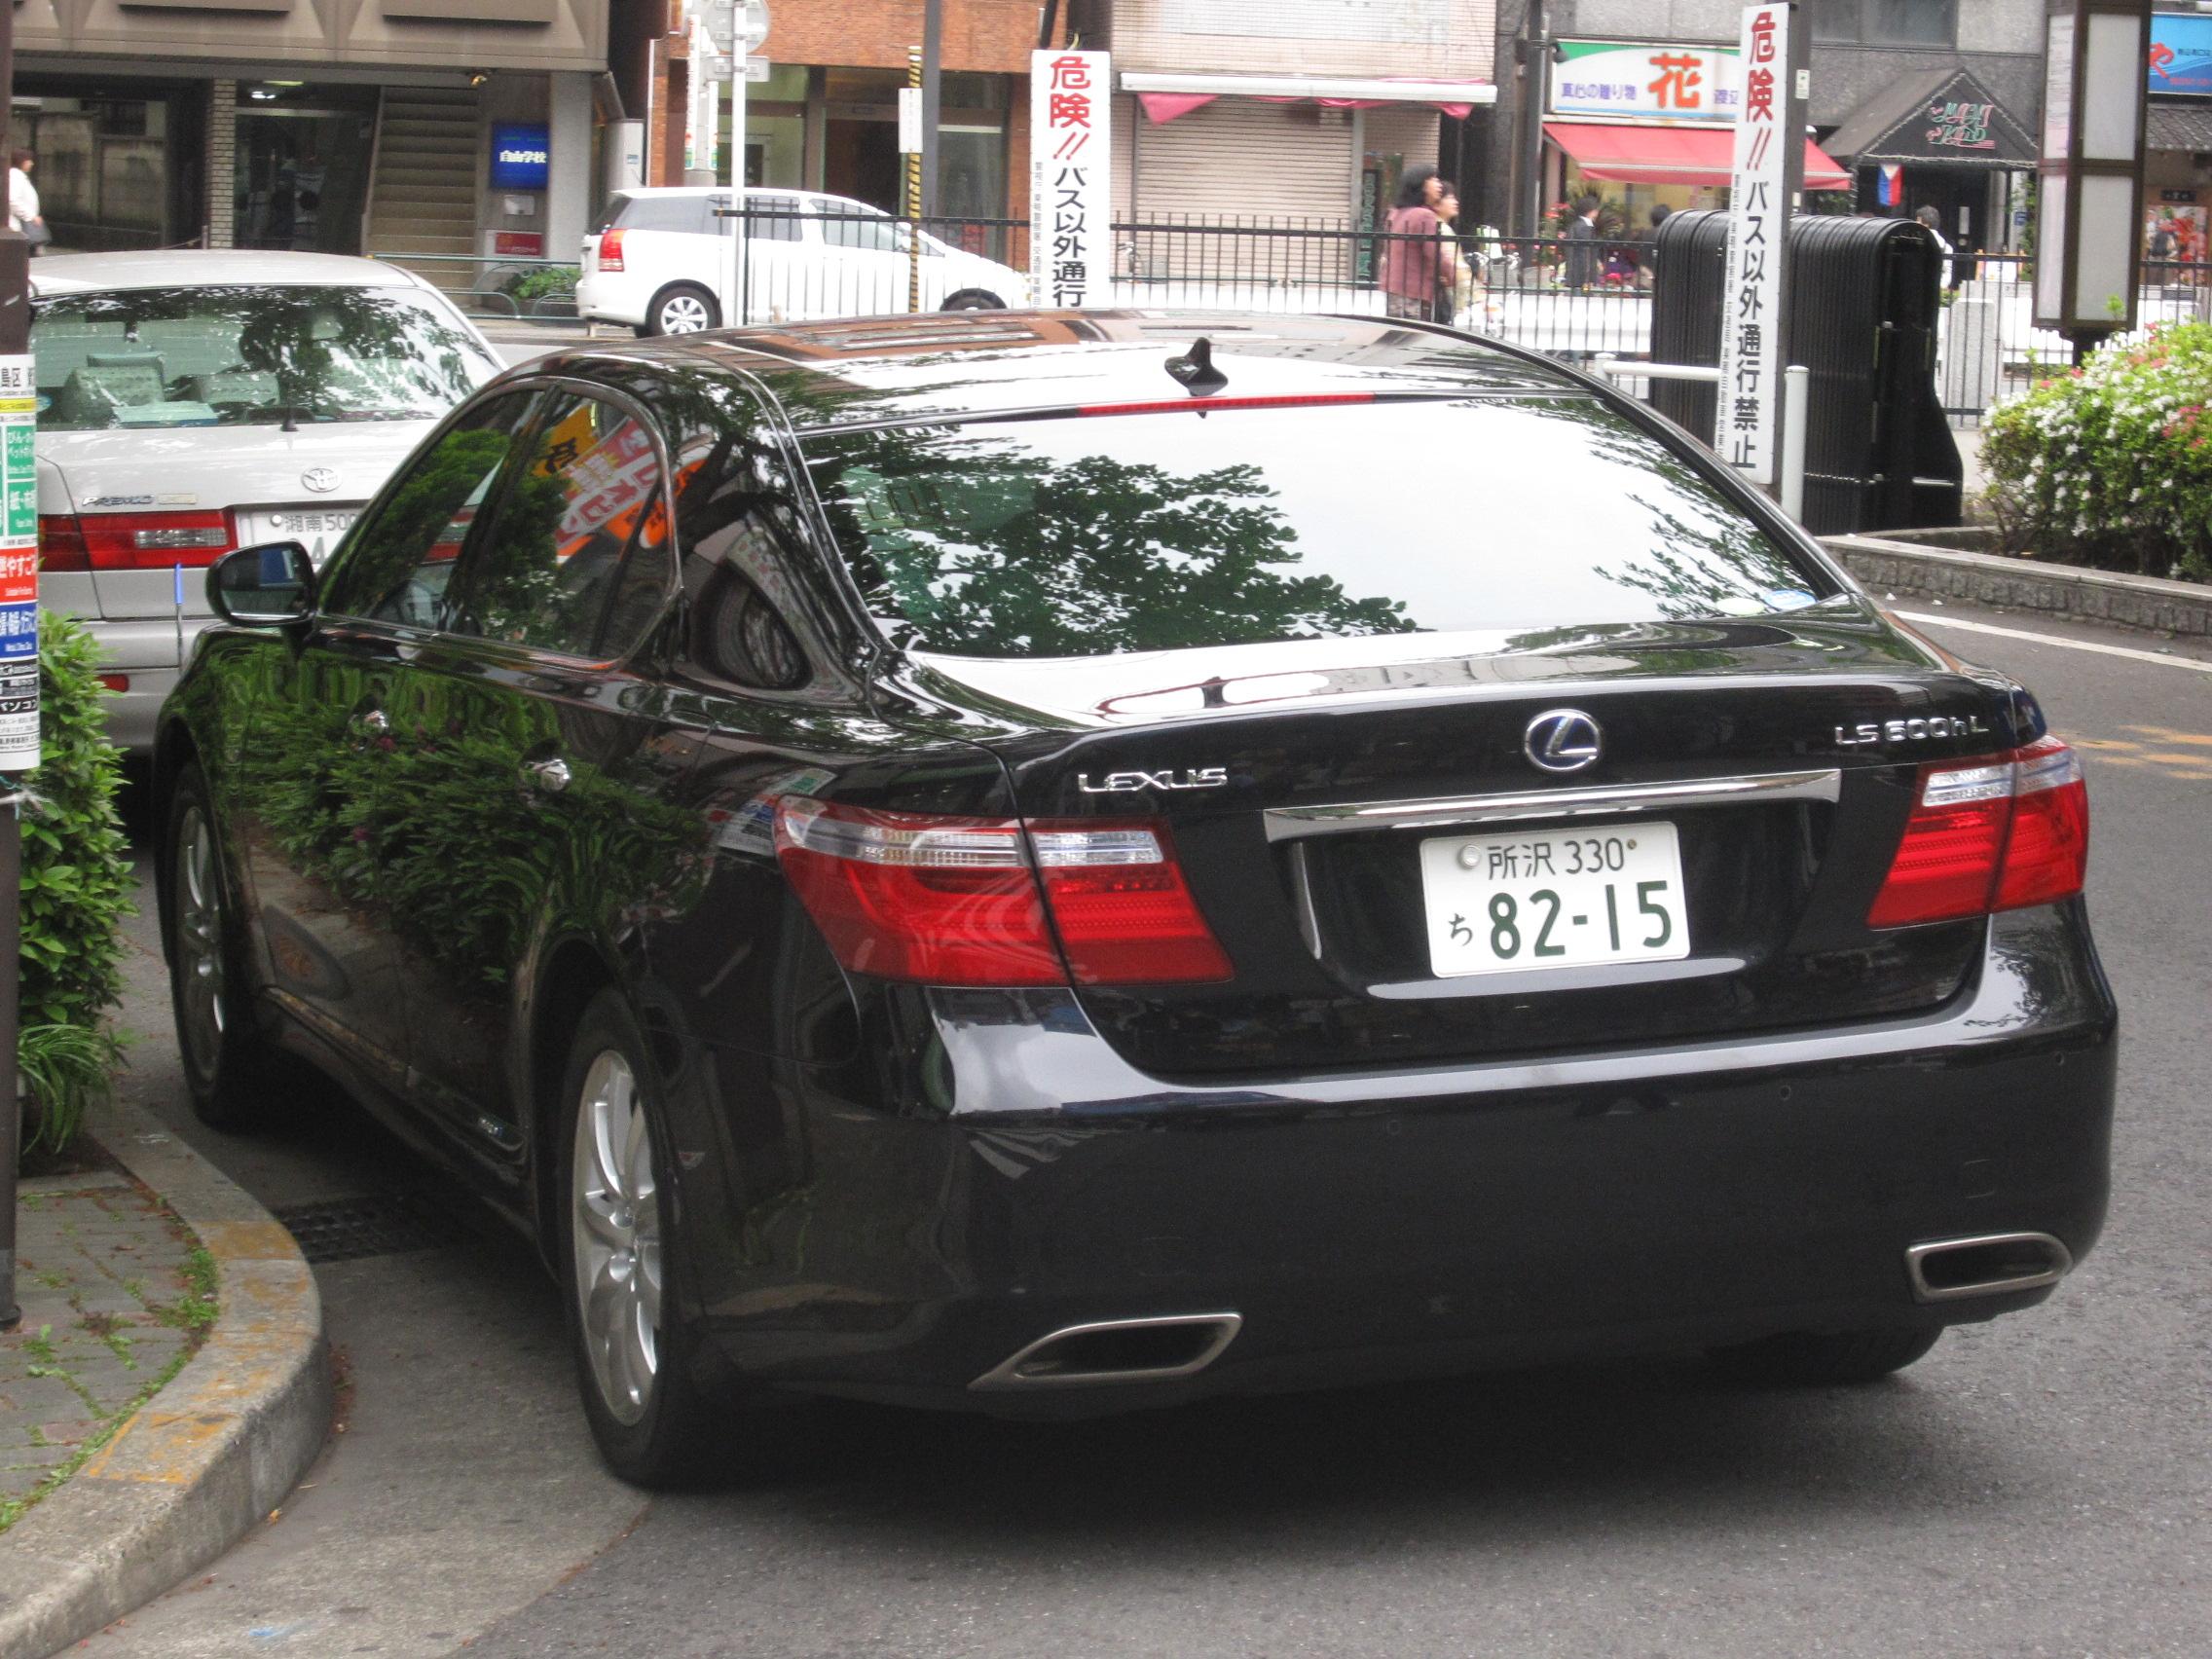 https://upload.wikimedia.org/wikipedia/commons/b/ba/Lexus-LS_600h_L_JDM_aft_view.jpg